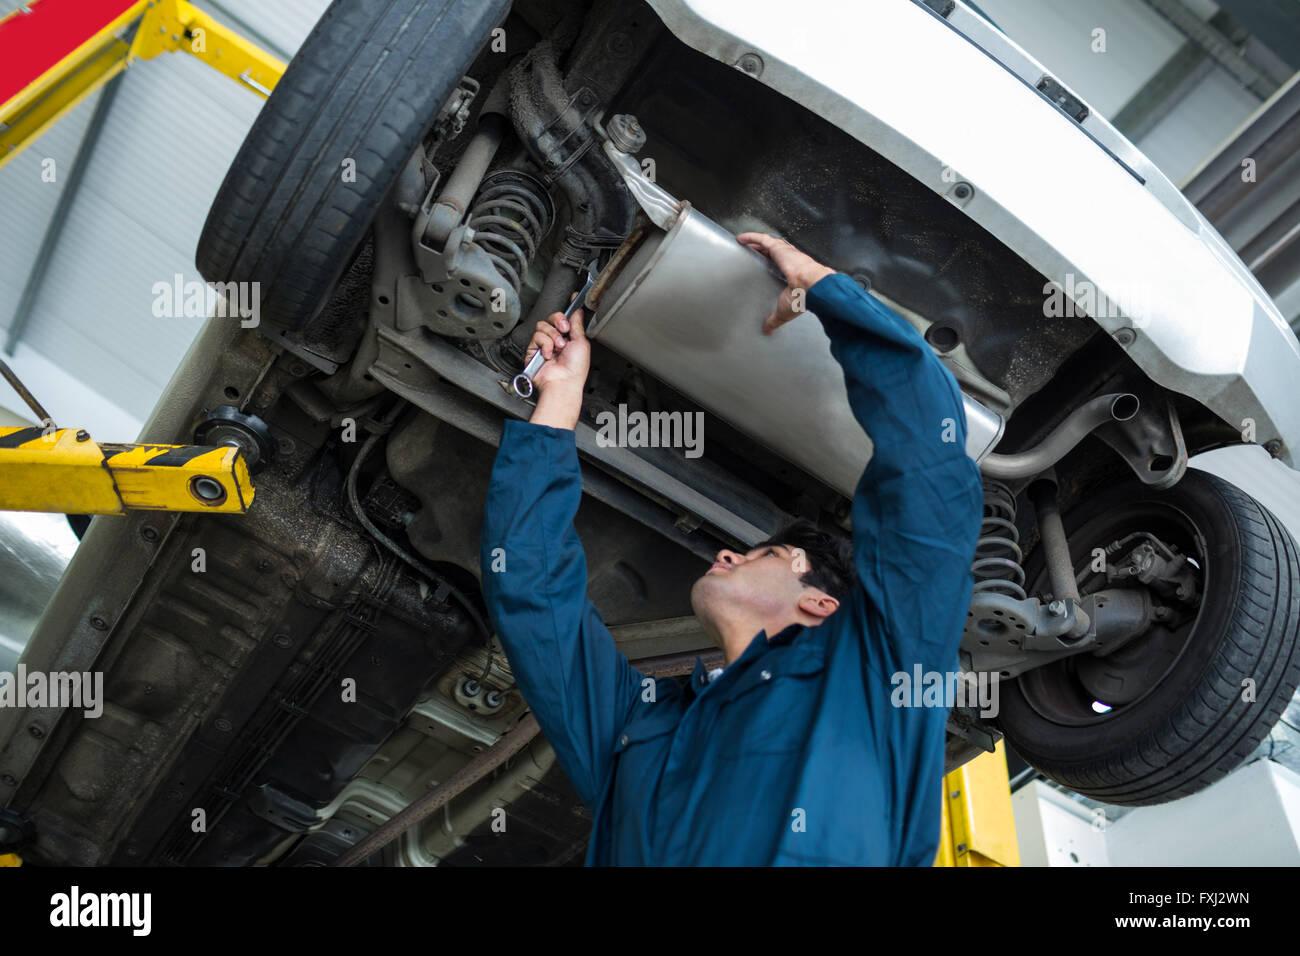 Mechanic repairing a car - Stock Image